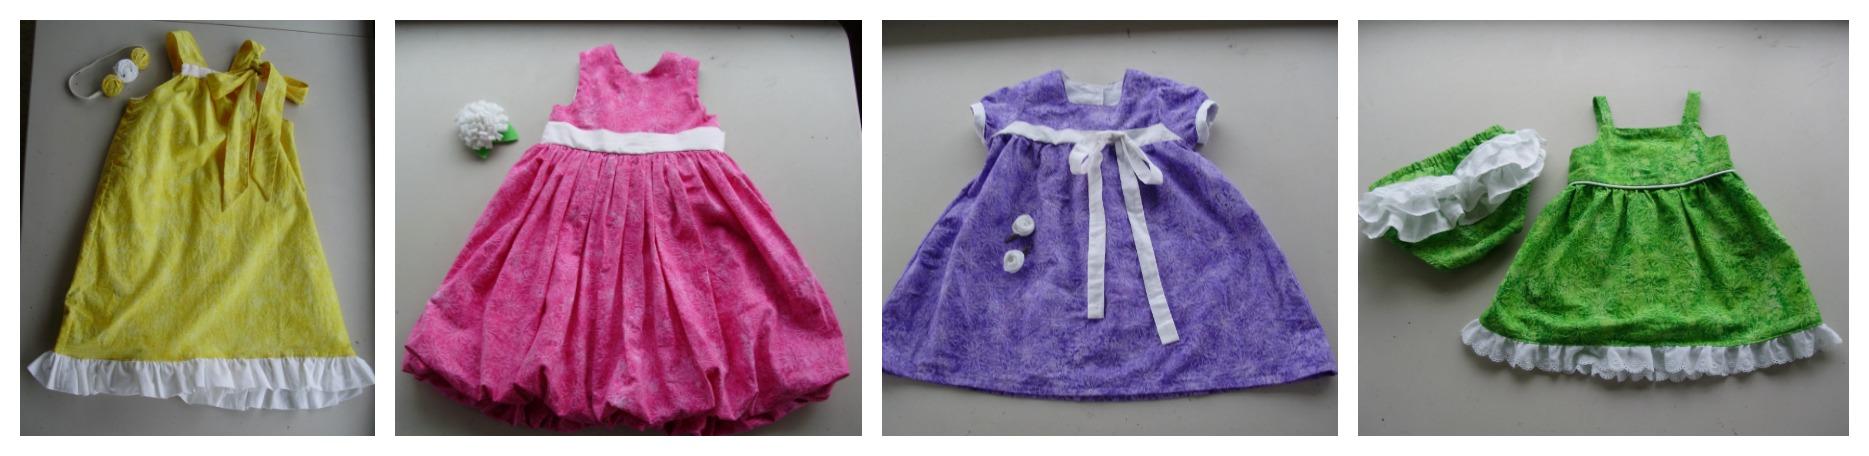 2012-easter-dresses